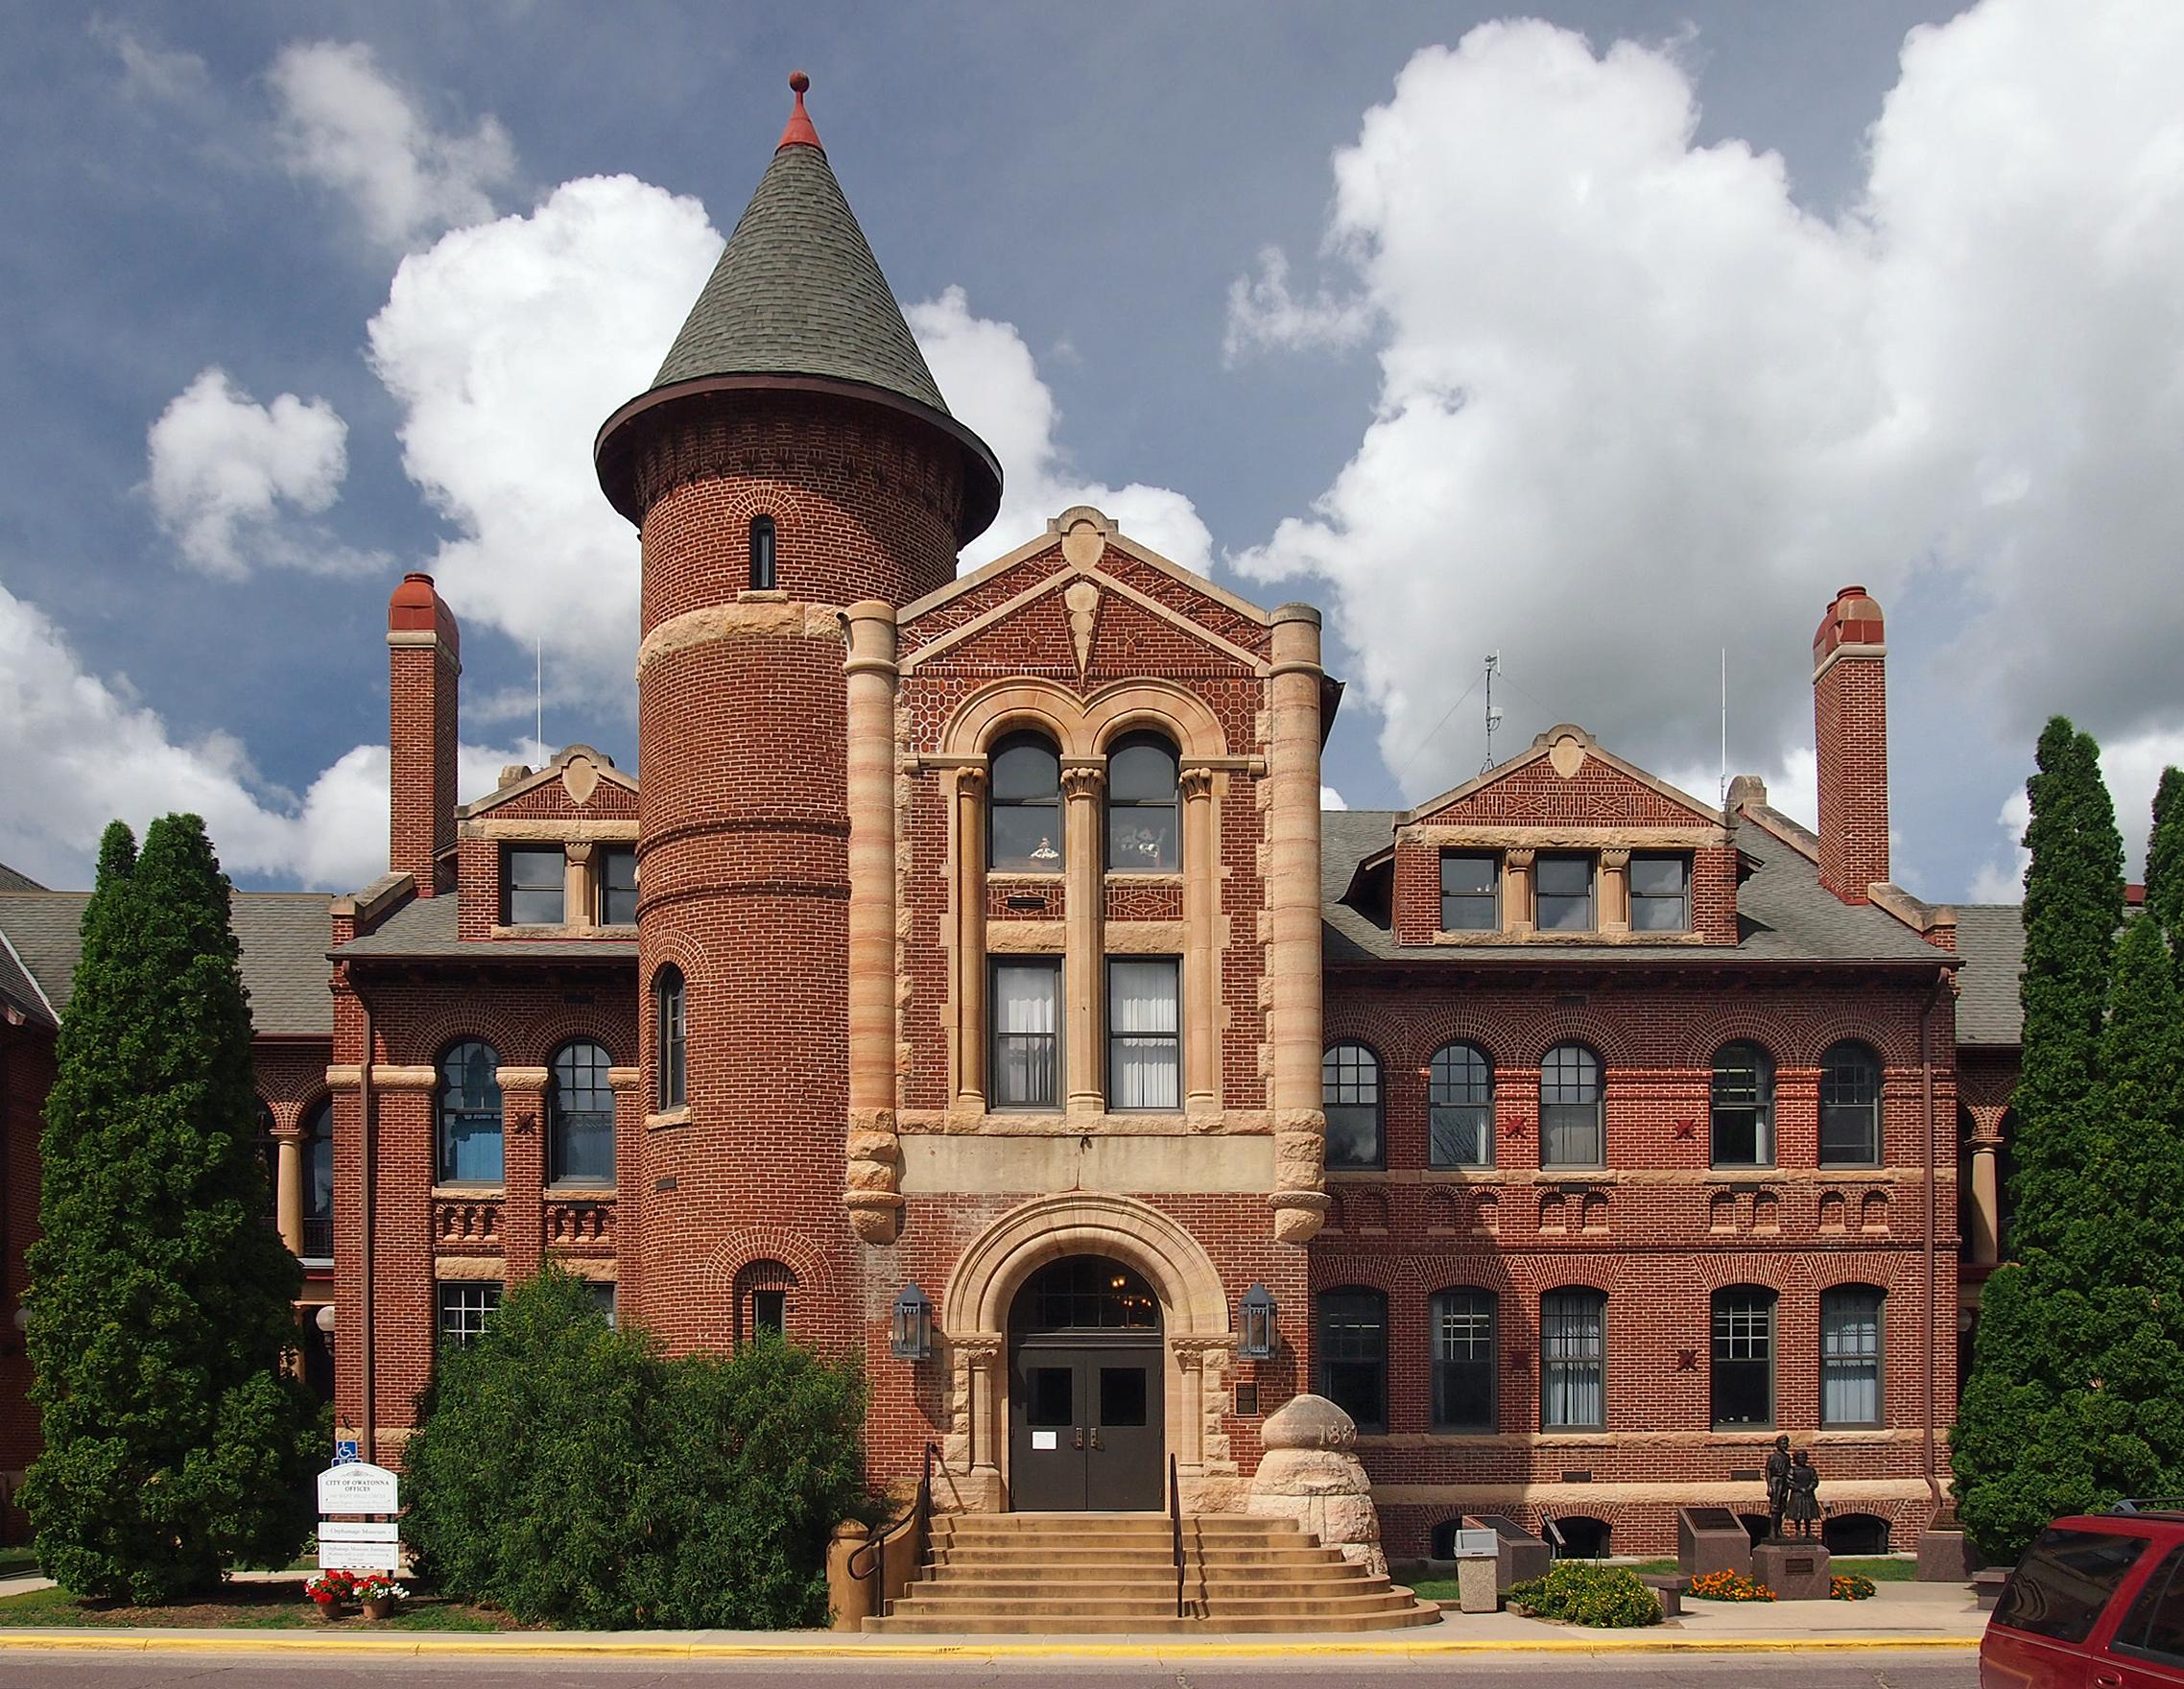 Free Minnesota Property Tax Filing